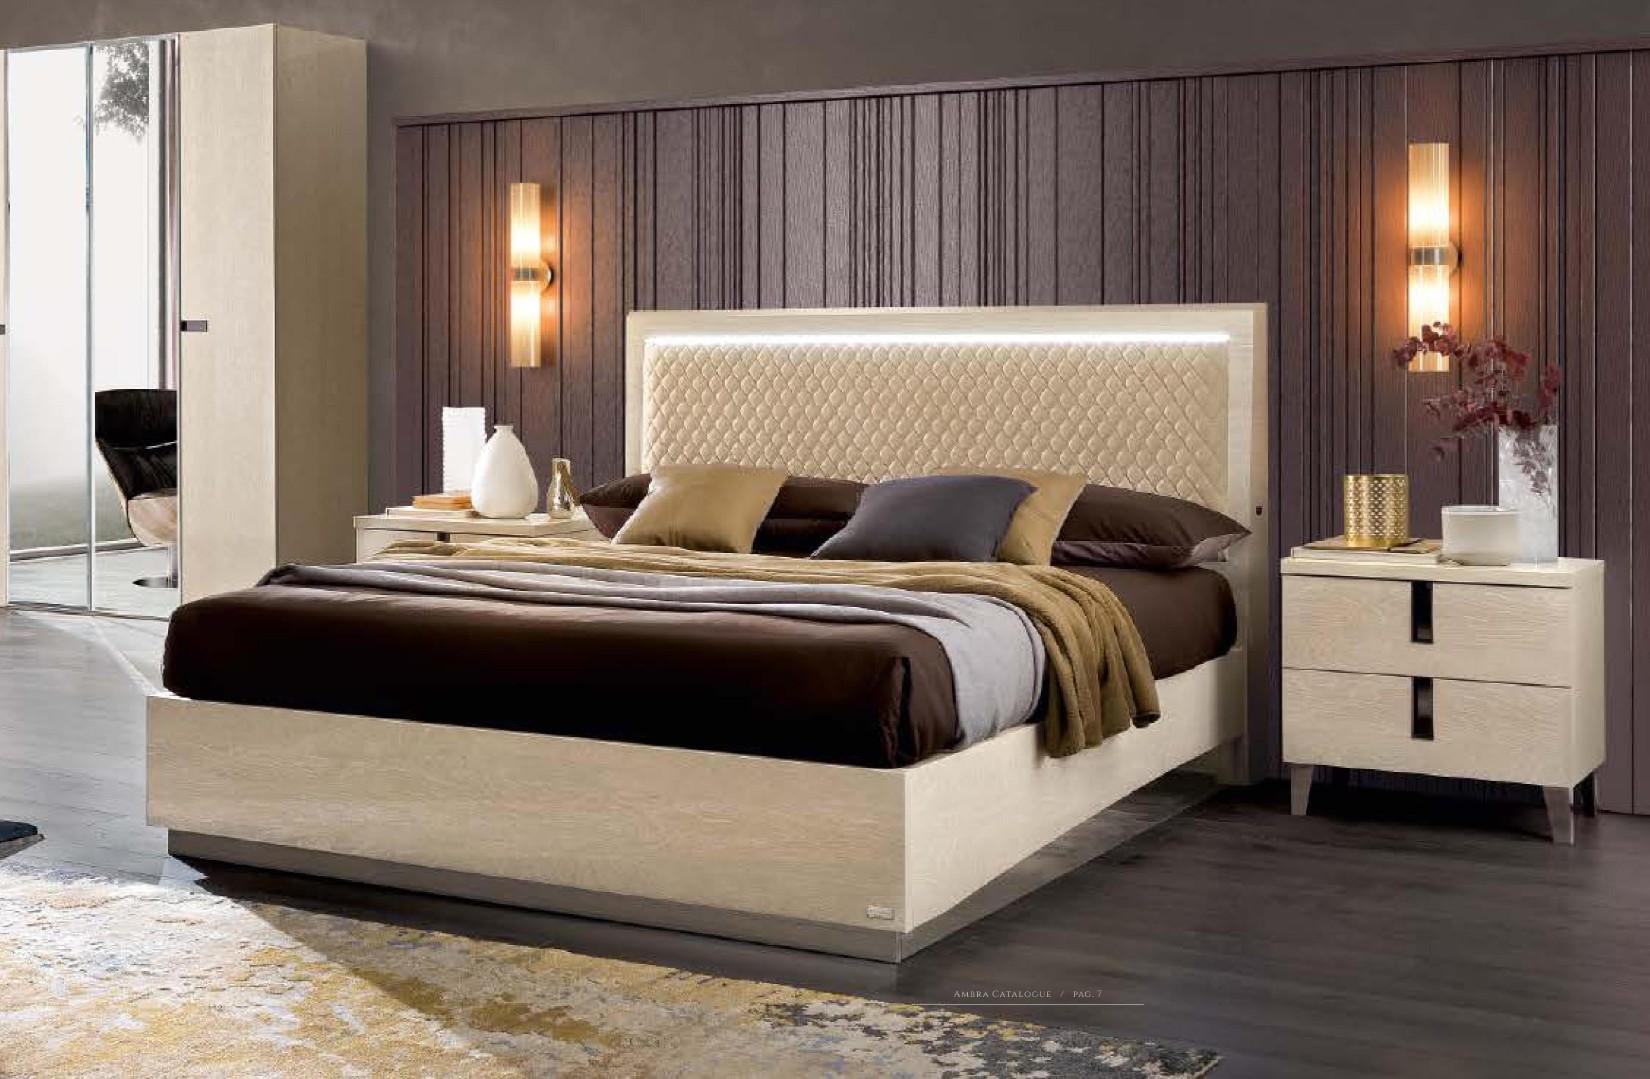 Кровать AMBRA ROMBI